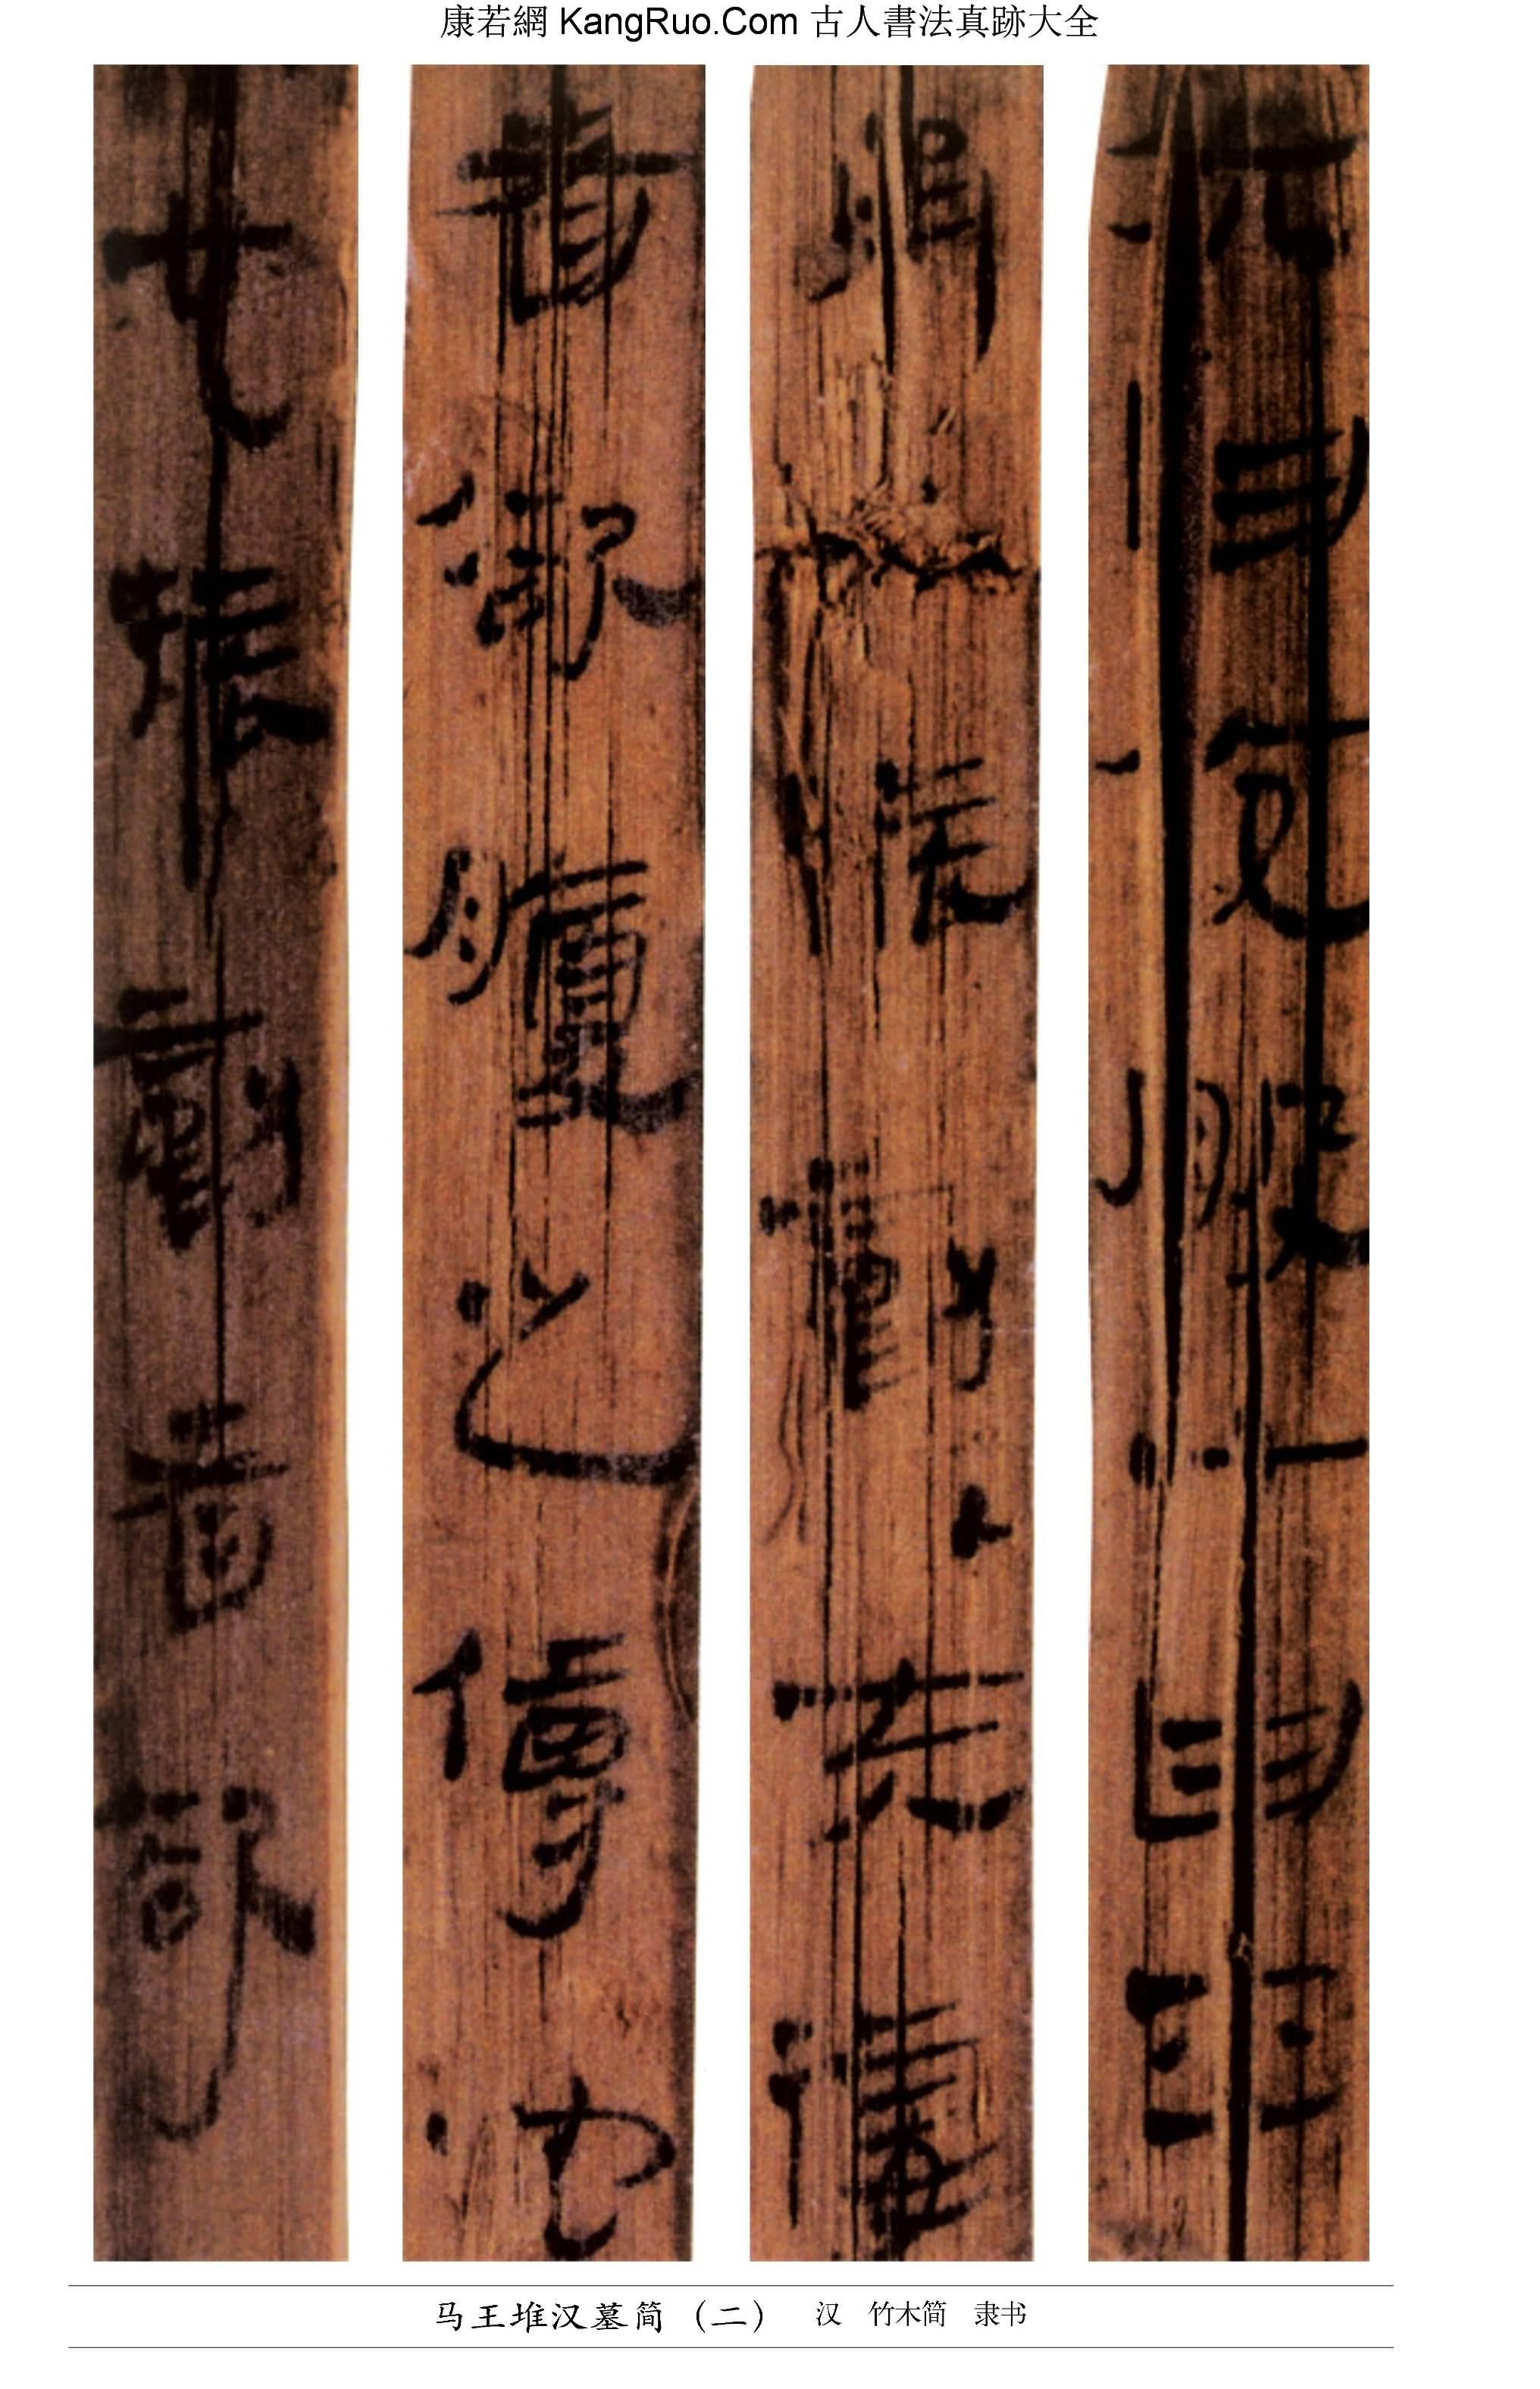 《馬王堆漢墓簡》書法真跡(竹木簡隸書)【漢代】_00068